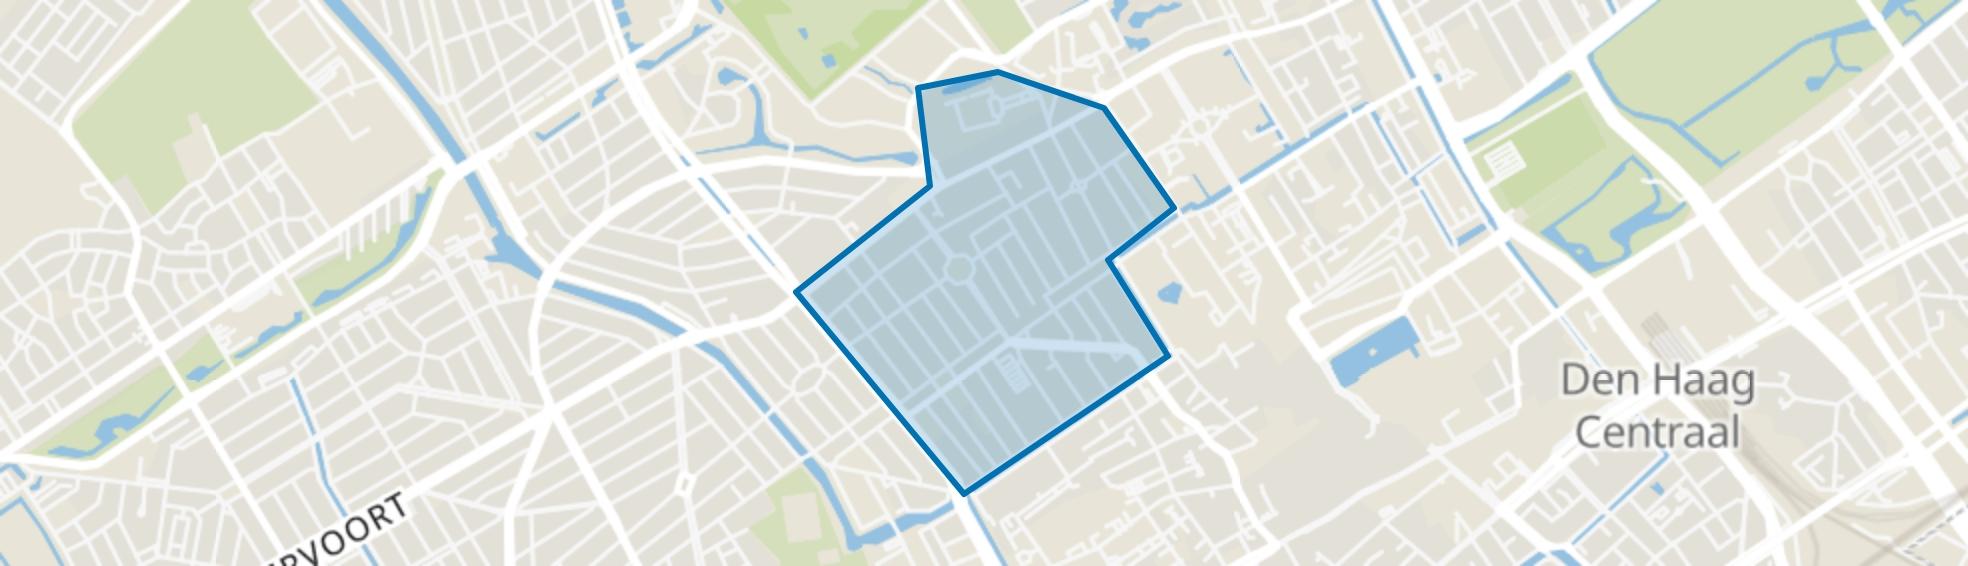 Zeeheldenkwartier, Den Haag map